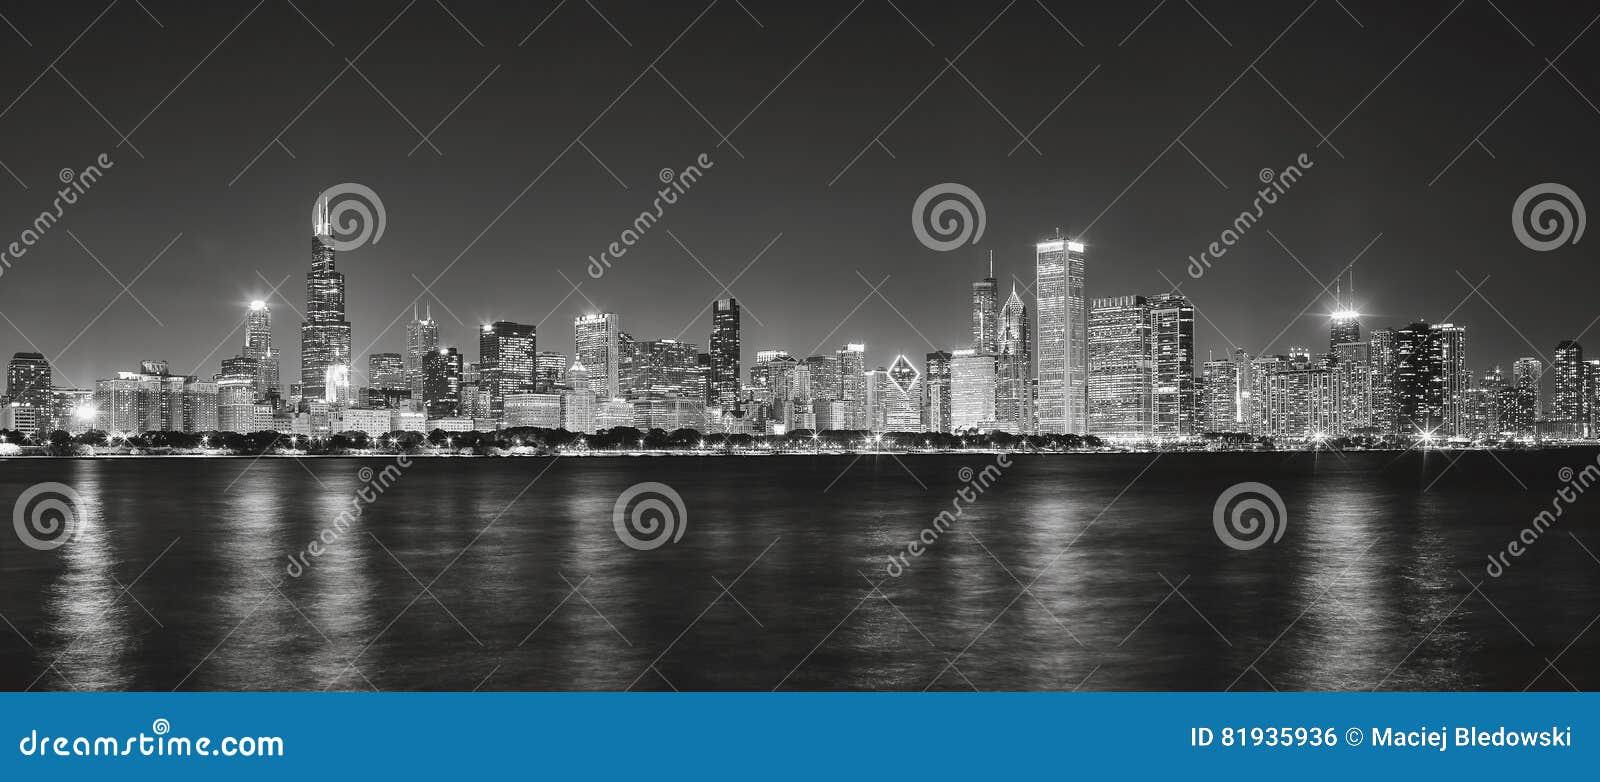 Czarny i biały panoramiczny obrazek Chicagowska miasto linia horyzontu przy nig